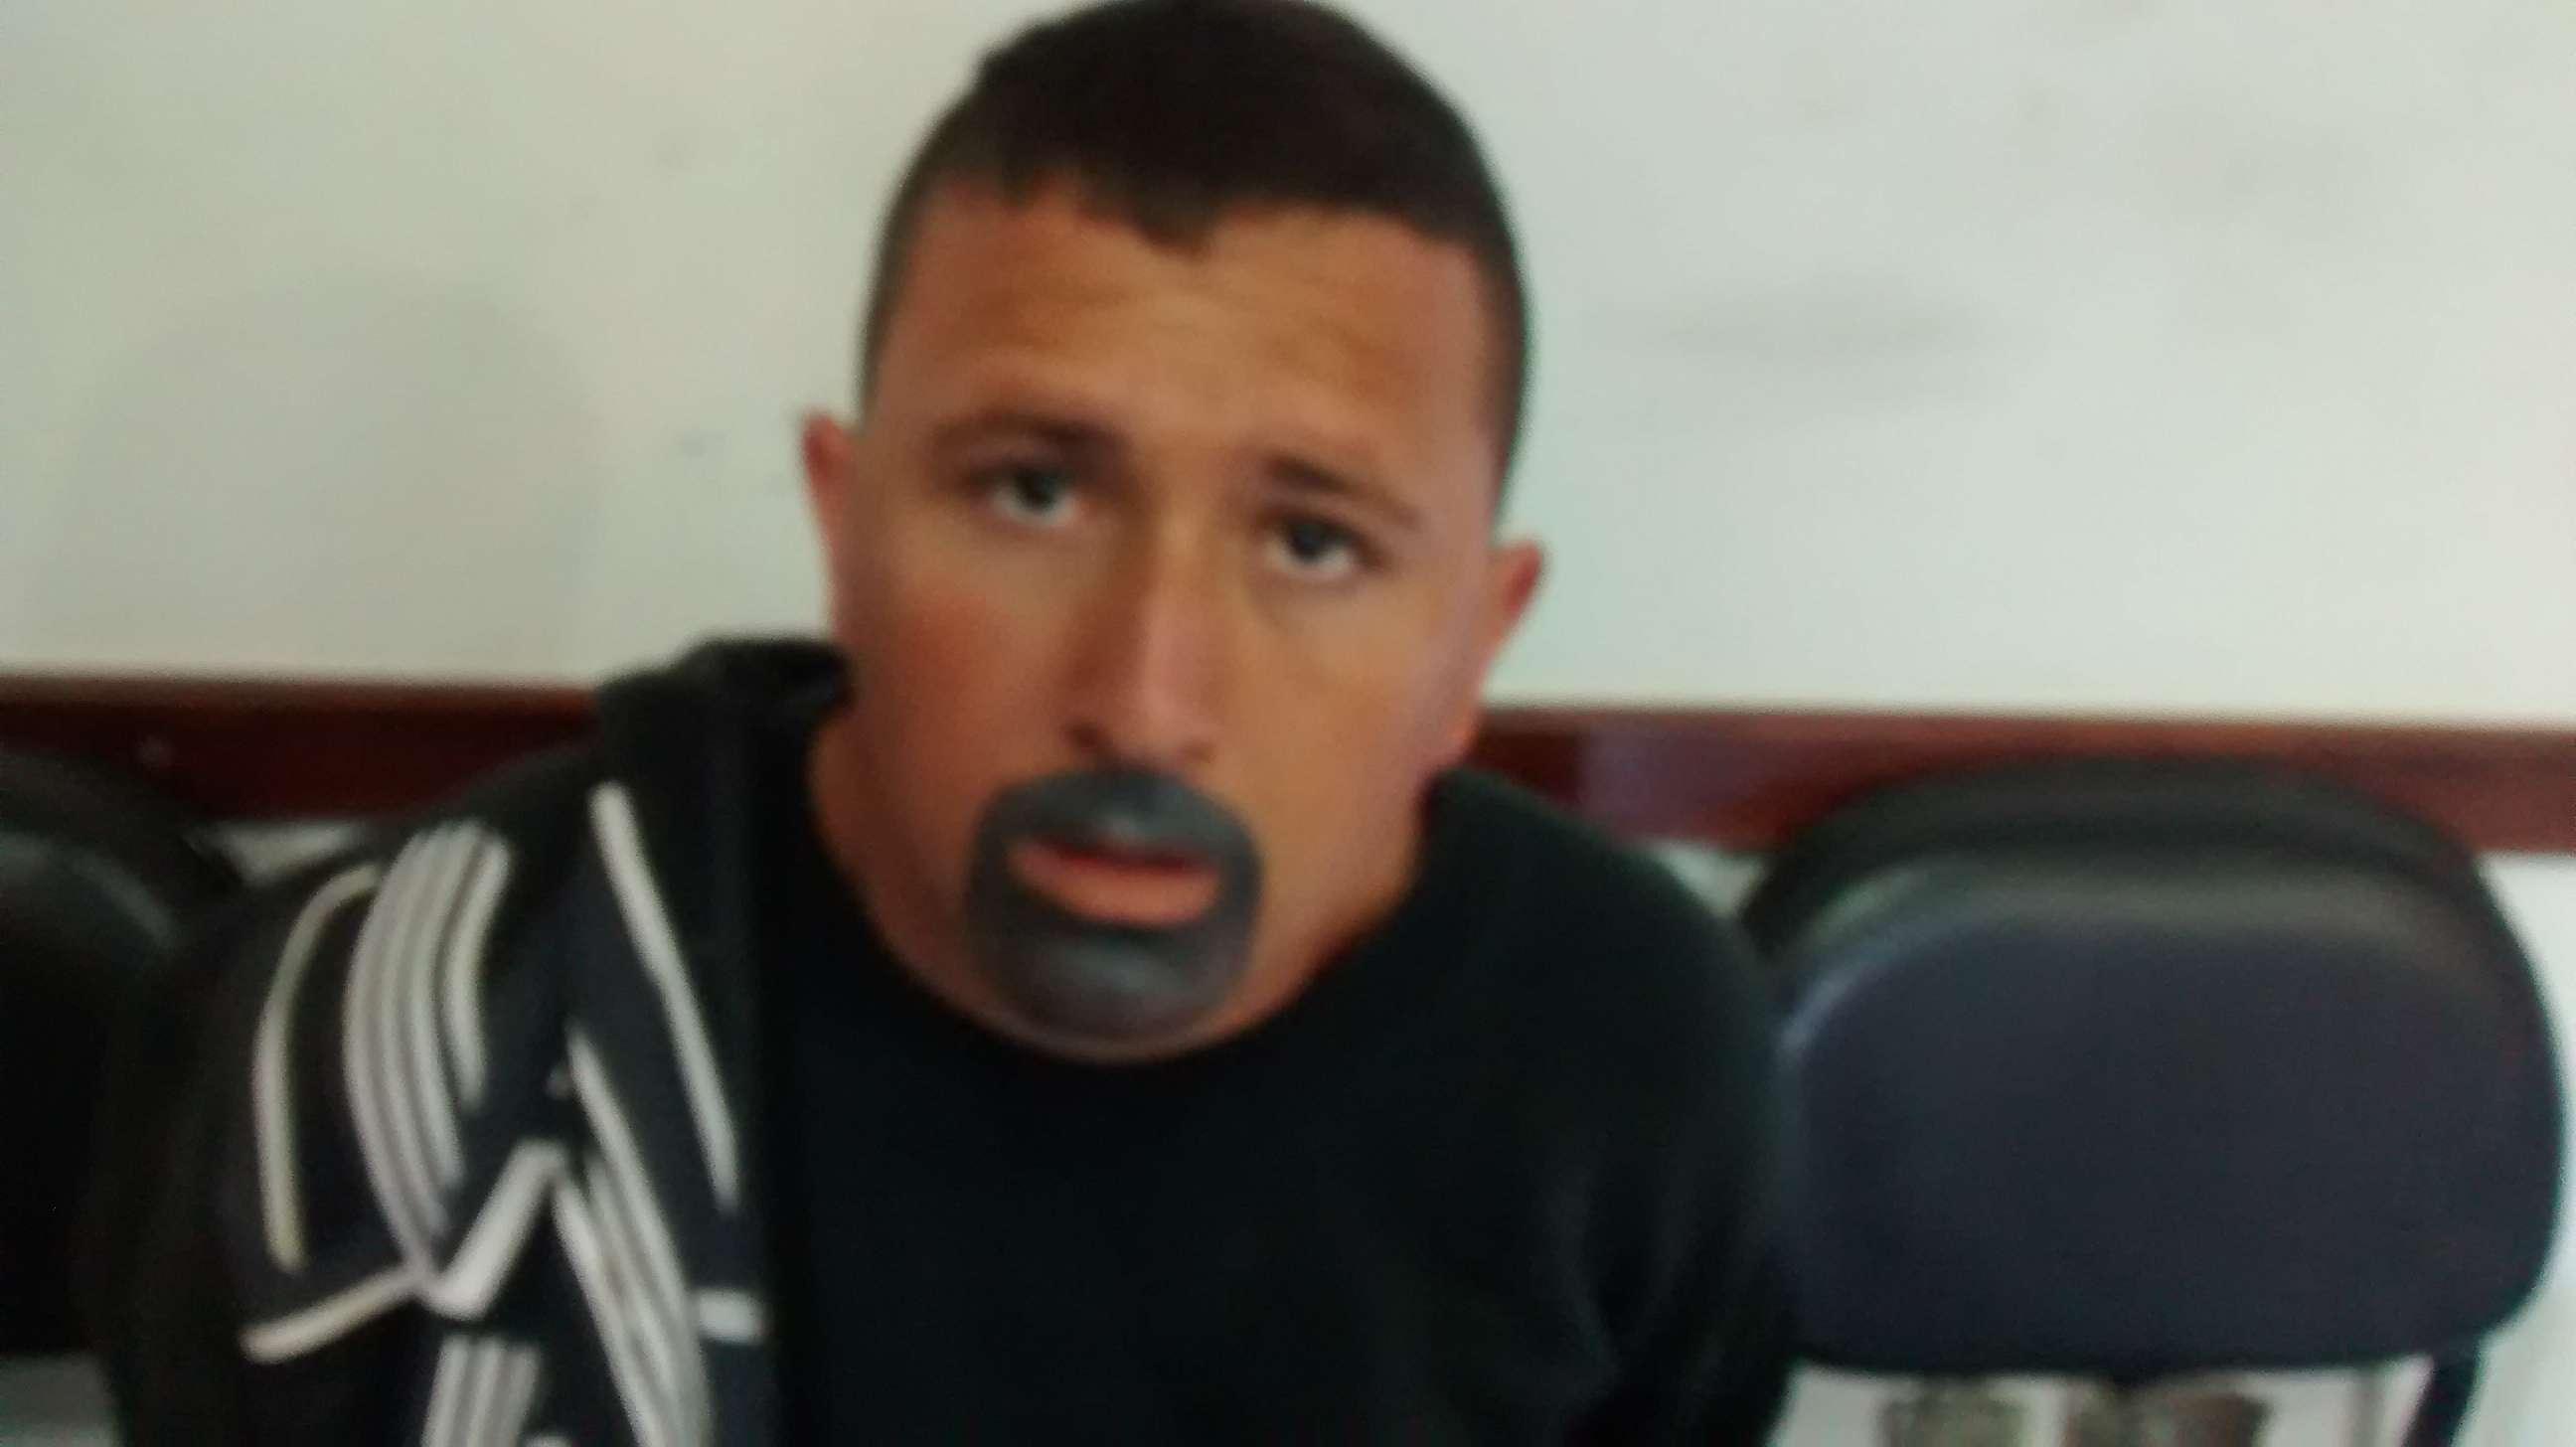 MG: ladrão pinta o rosto com canetinha para simular barba Foto: GM Itajubá/Divulgação